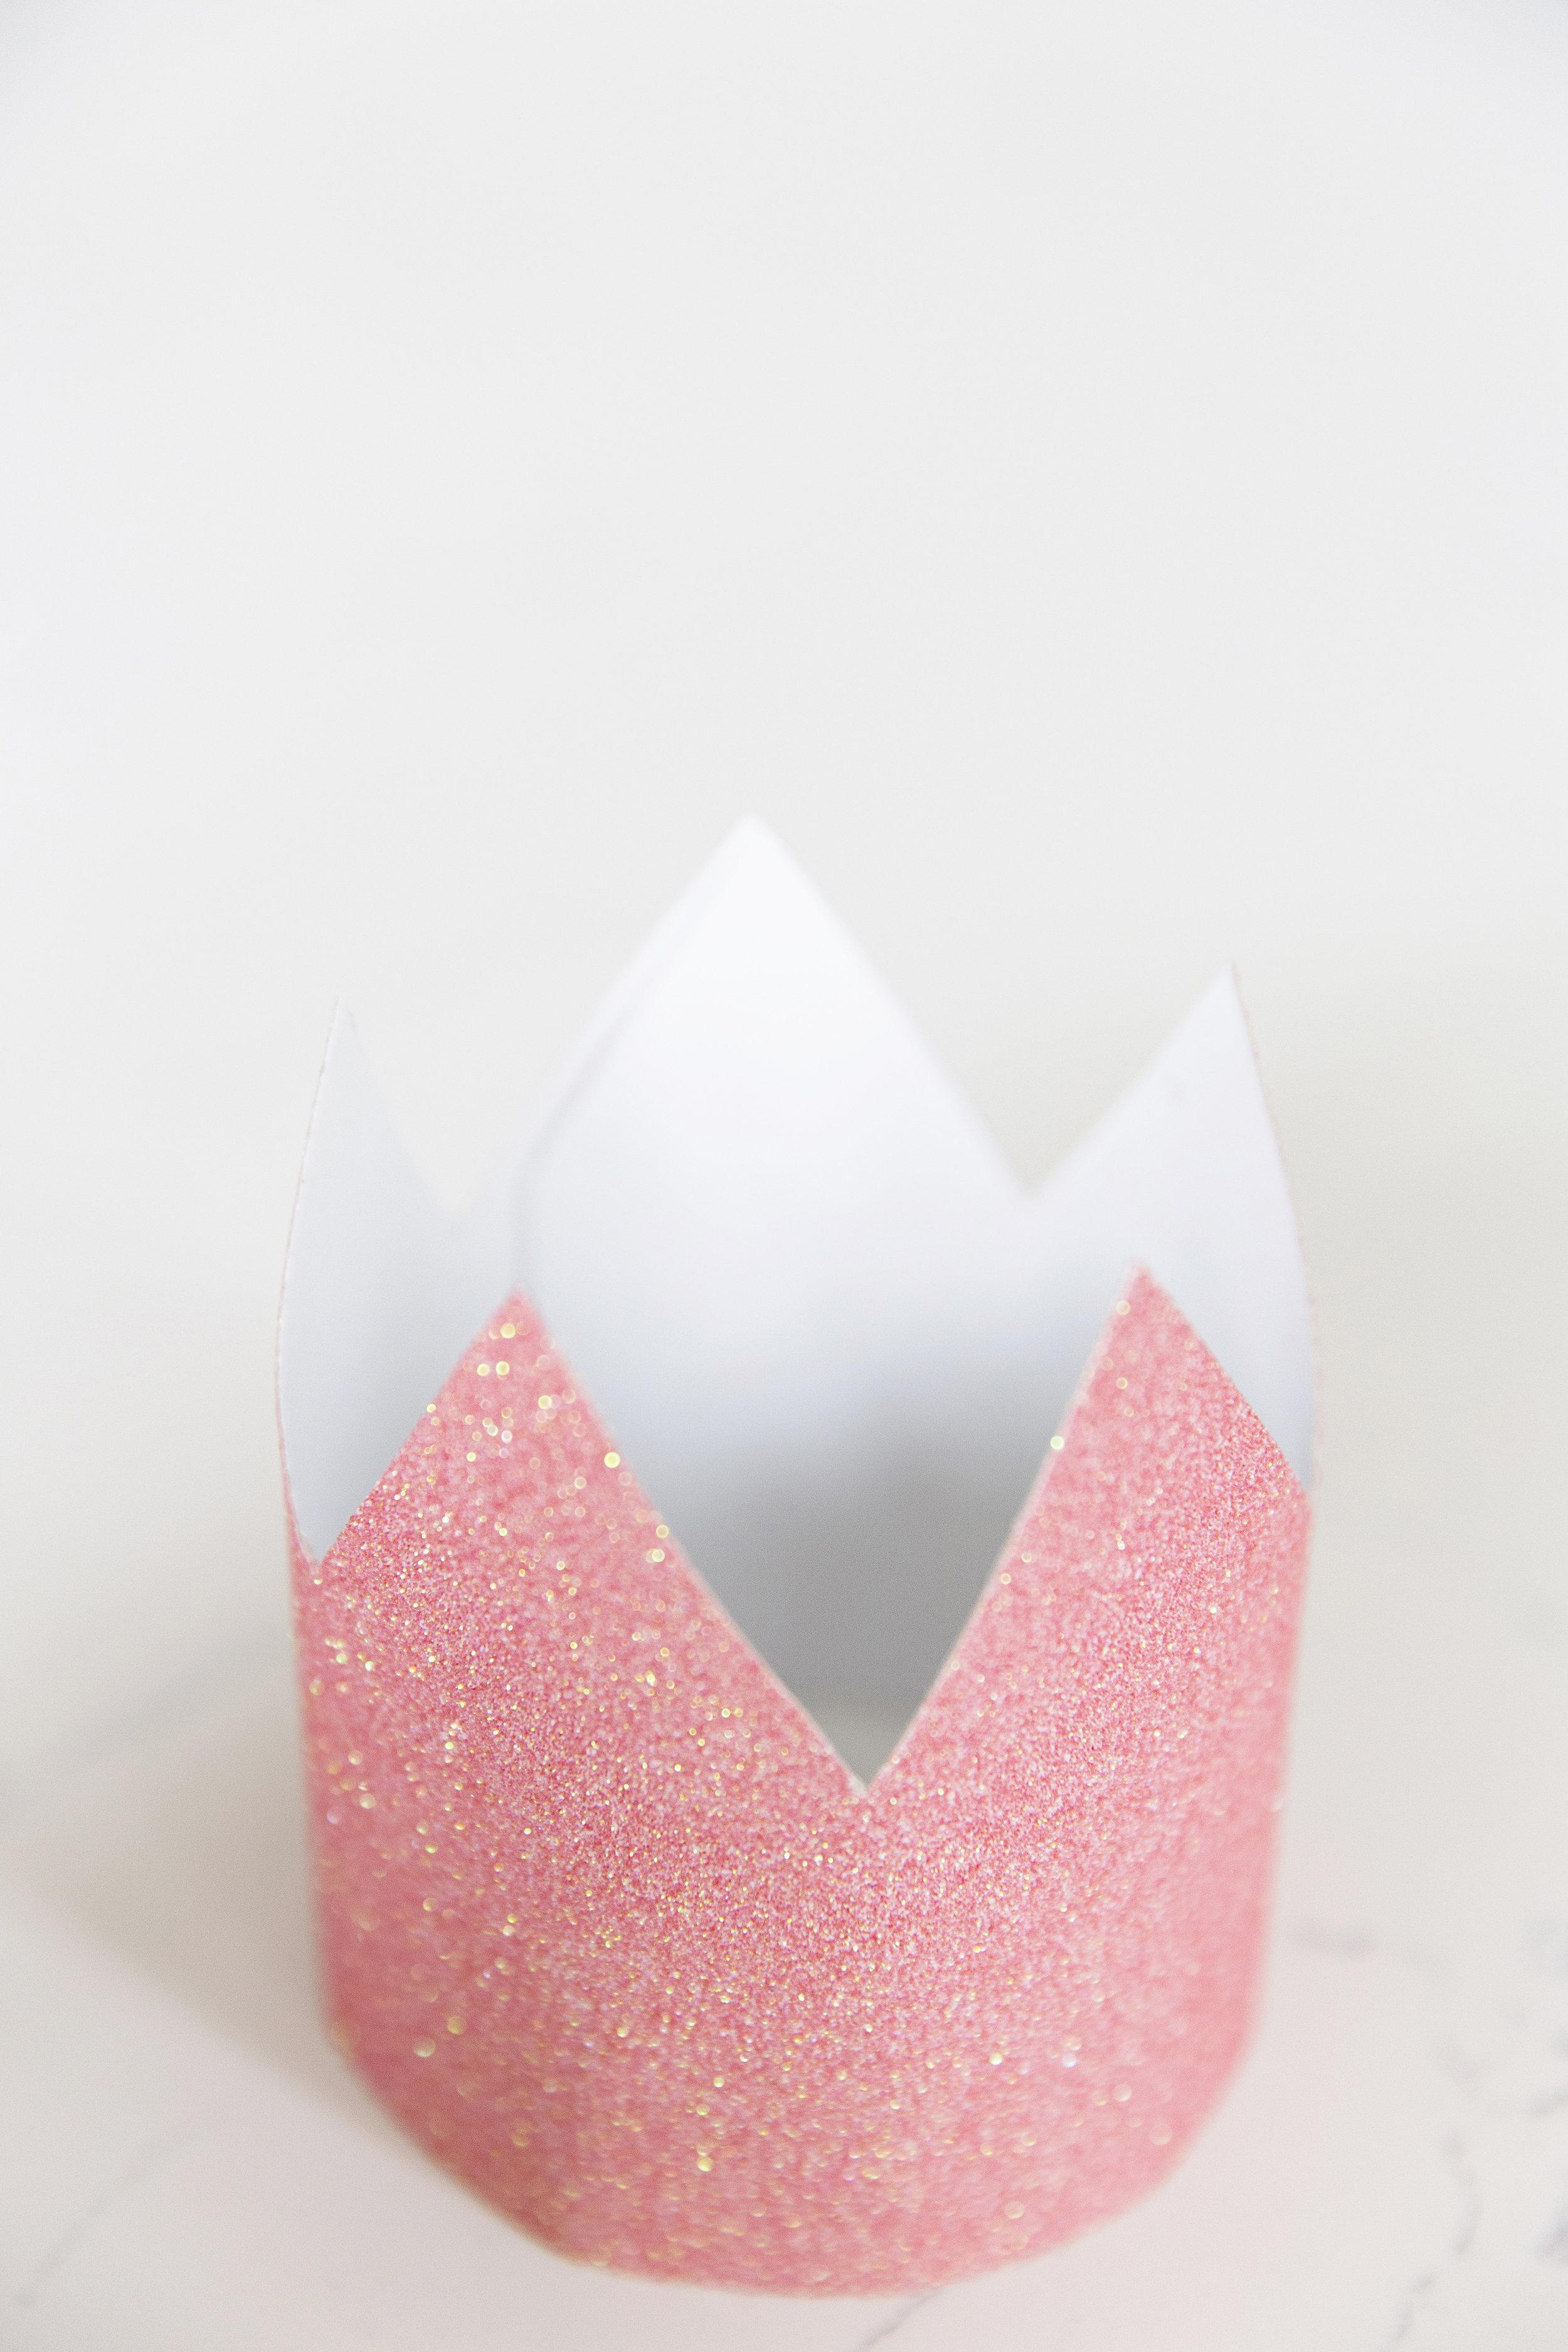 Paper Crown 002 copy.jpg